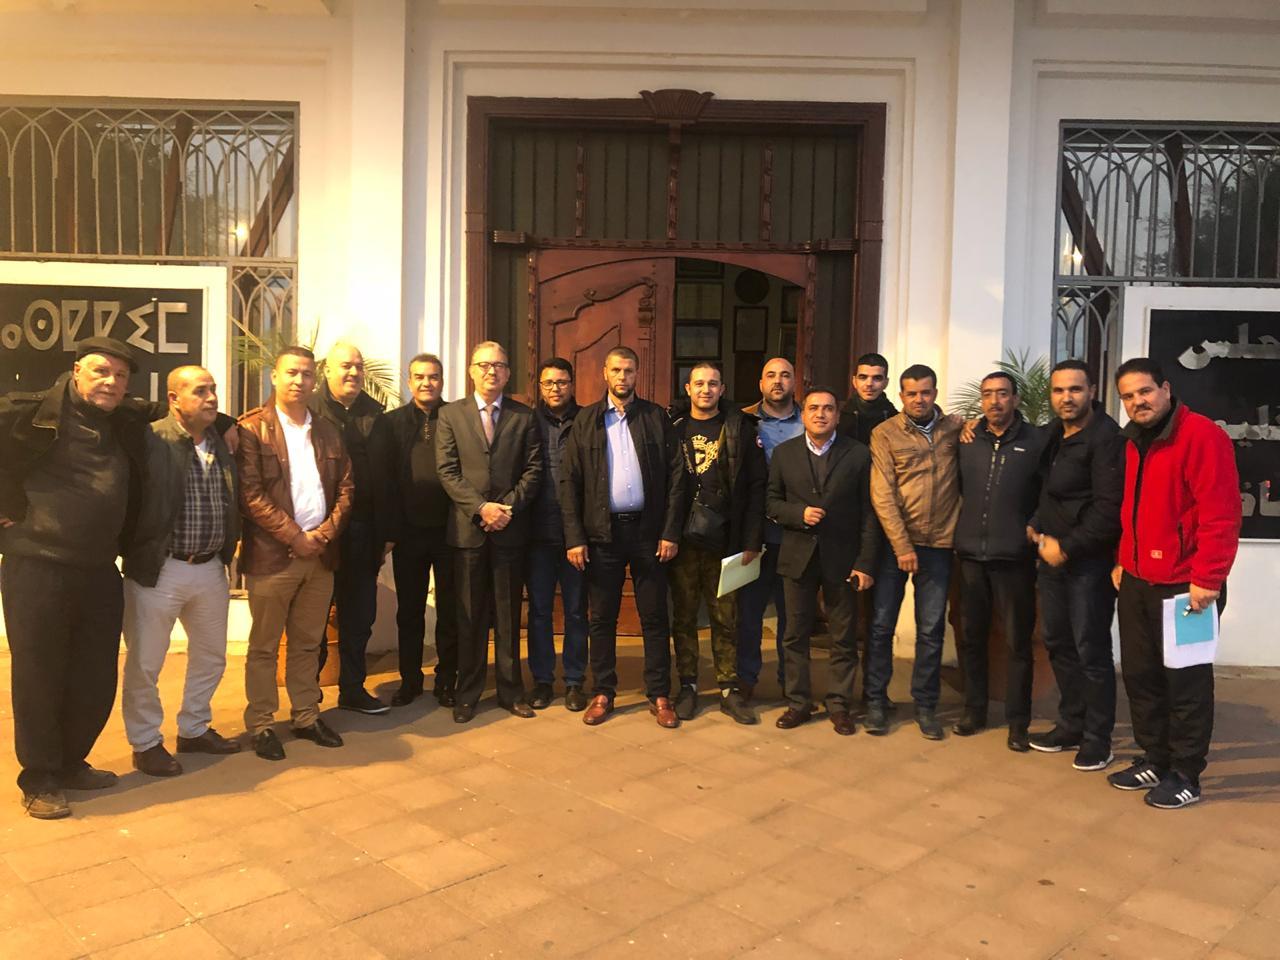 + صور: الرحموني يجتمع برؤساء الاندية الكروية بالناظور  لتنظيم دوري اقليمي في كرة القدم …